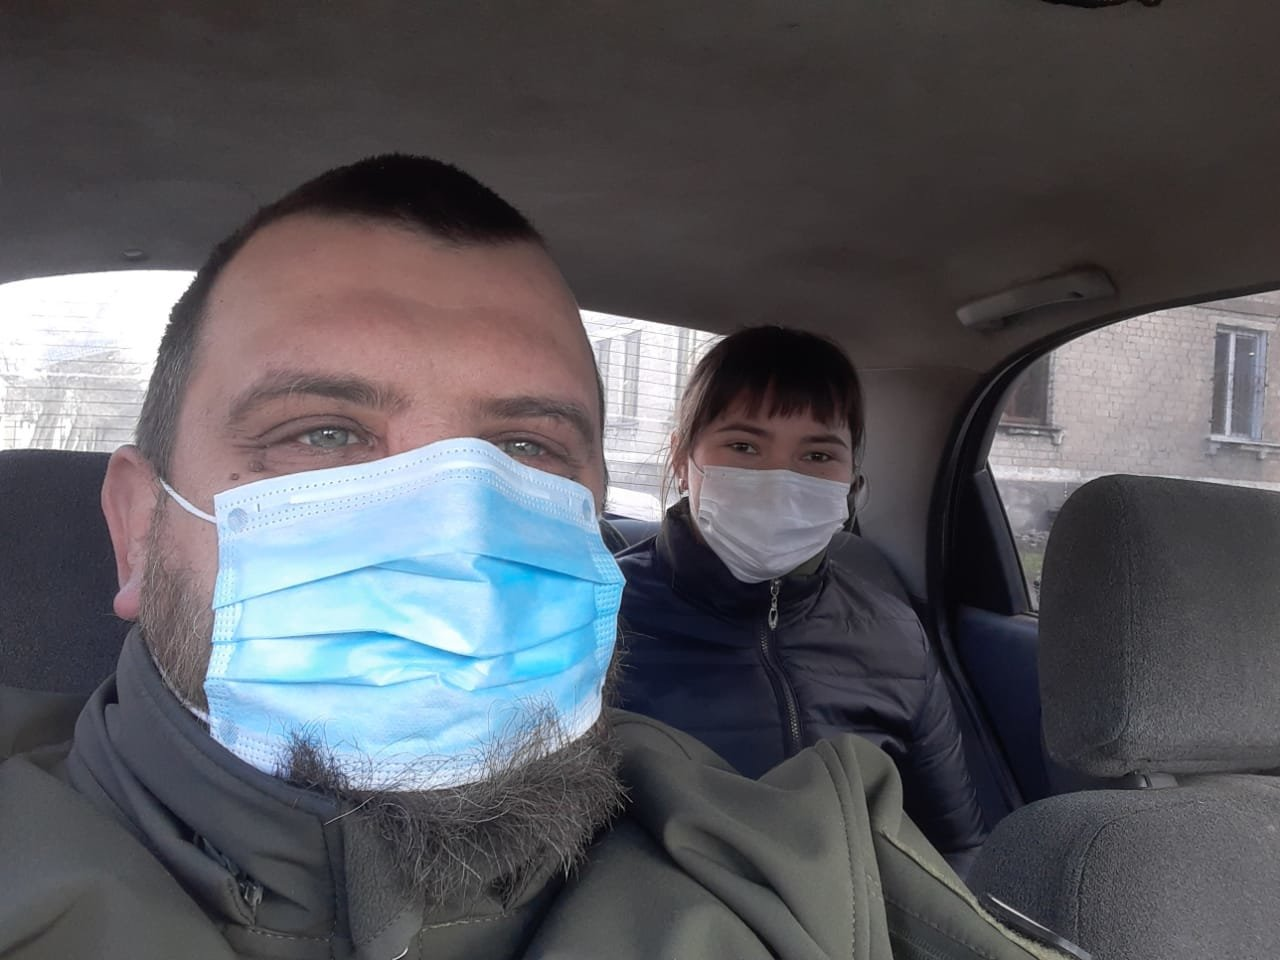 Допомагав лікарям дістатися до роботи, - чоловік, який вразив 6262 під час карантину, фото-2